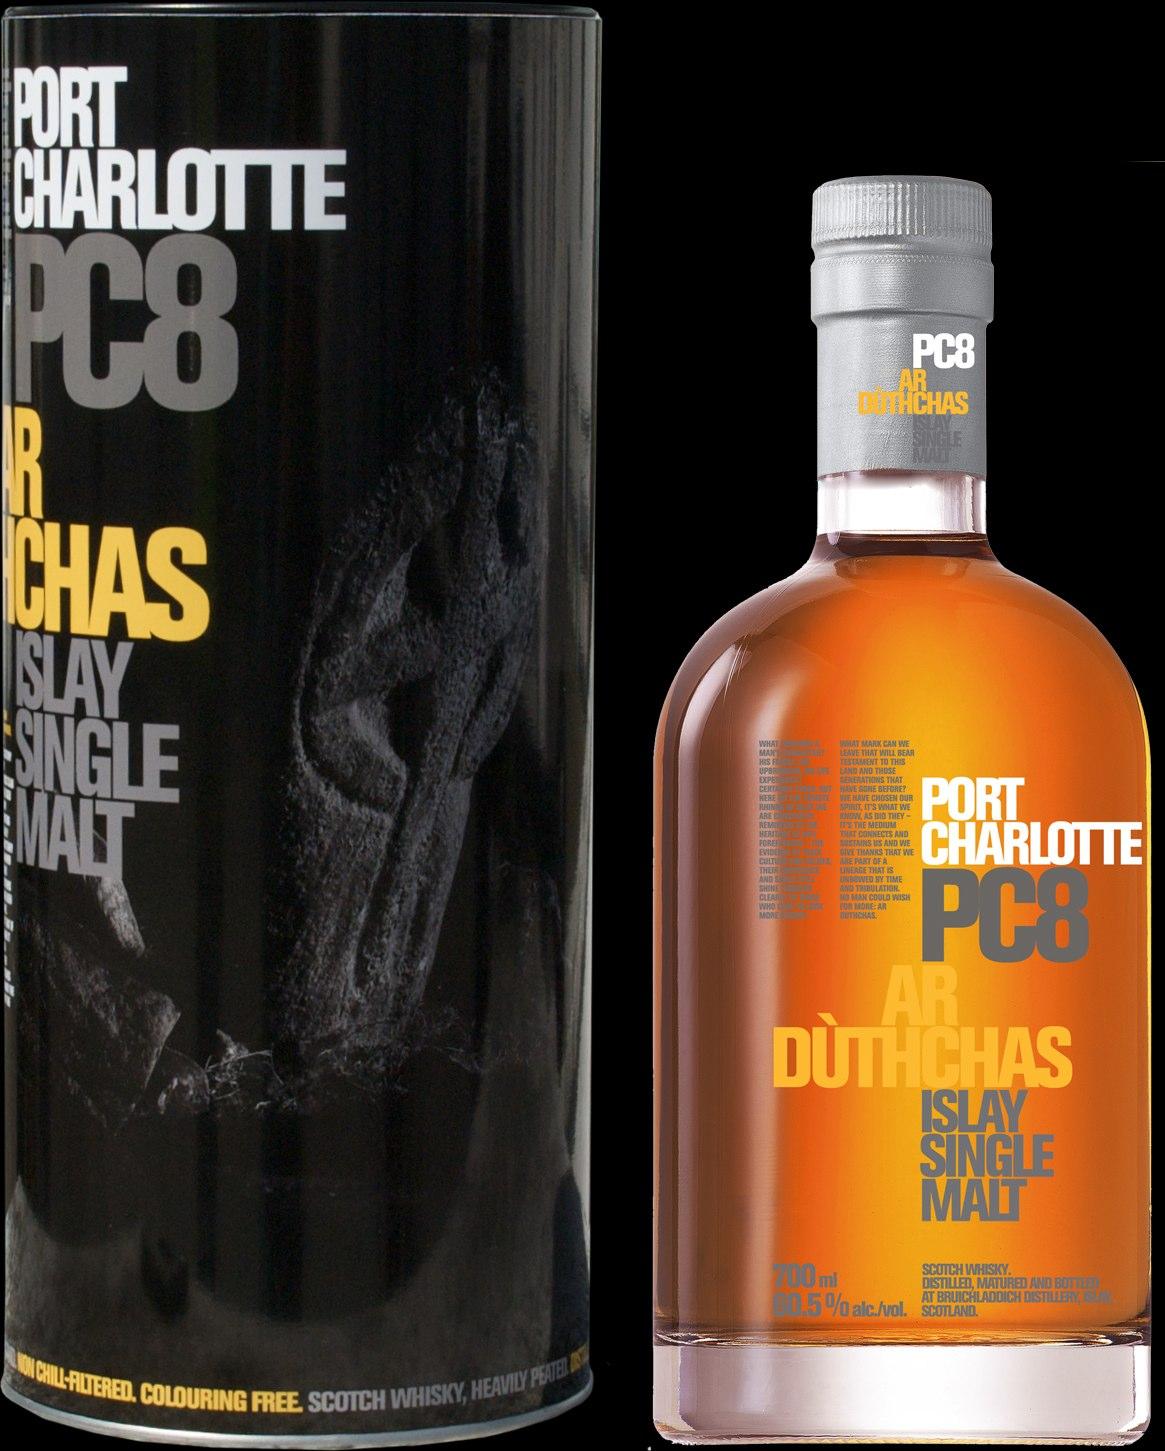 Port Charlote PC8 - Whisky Fringe award winner